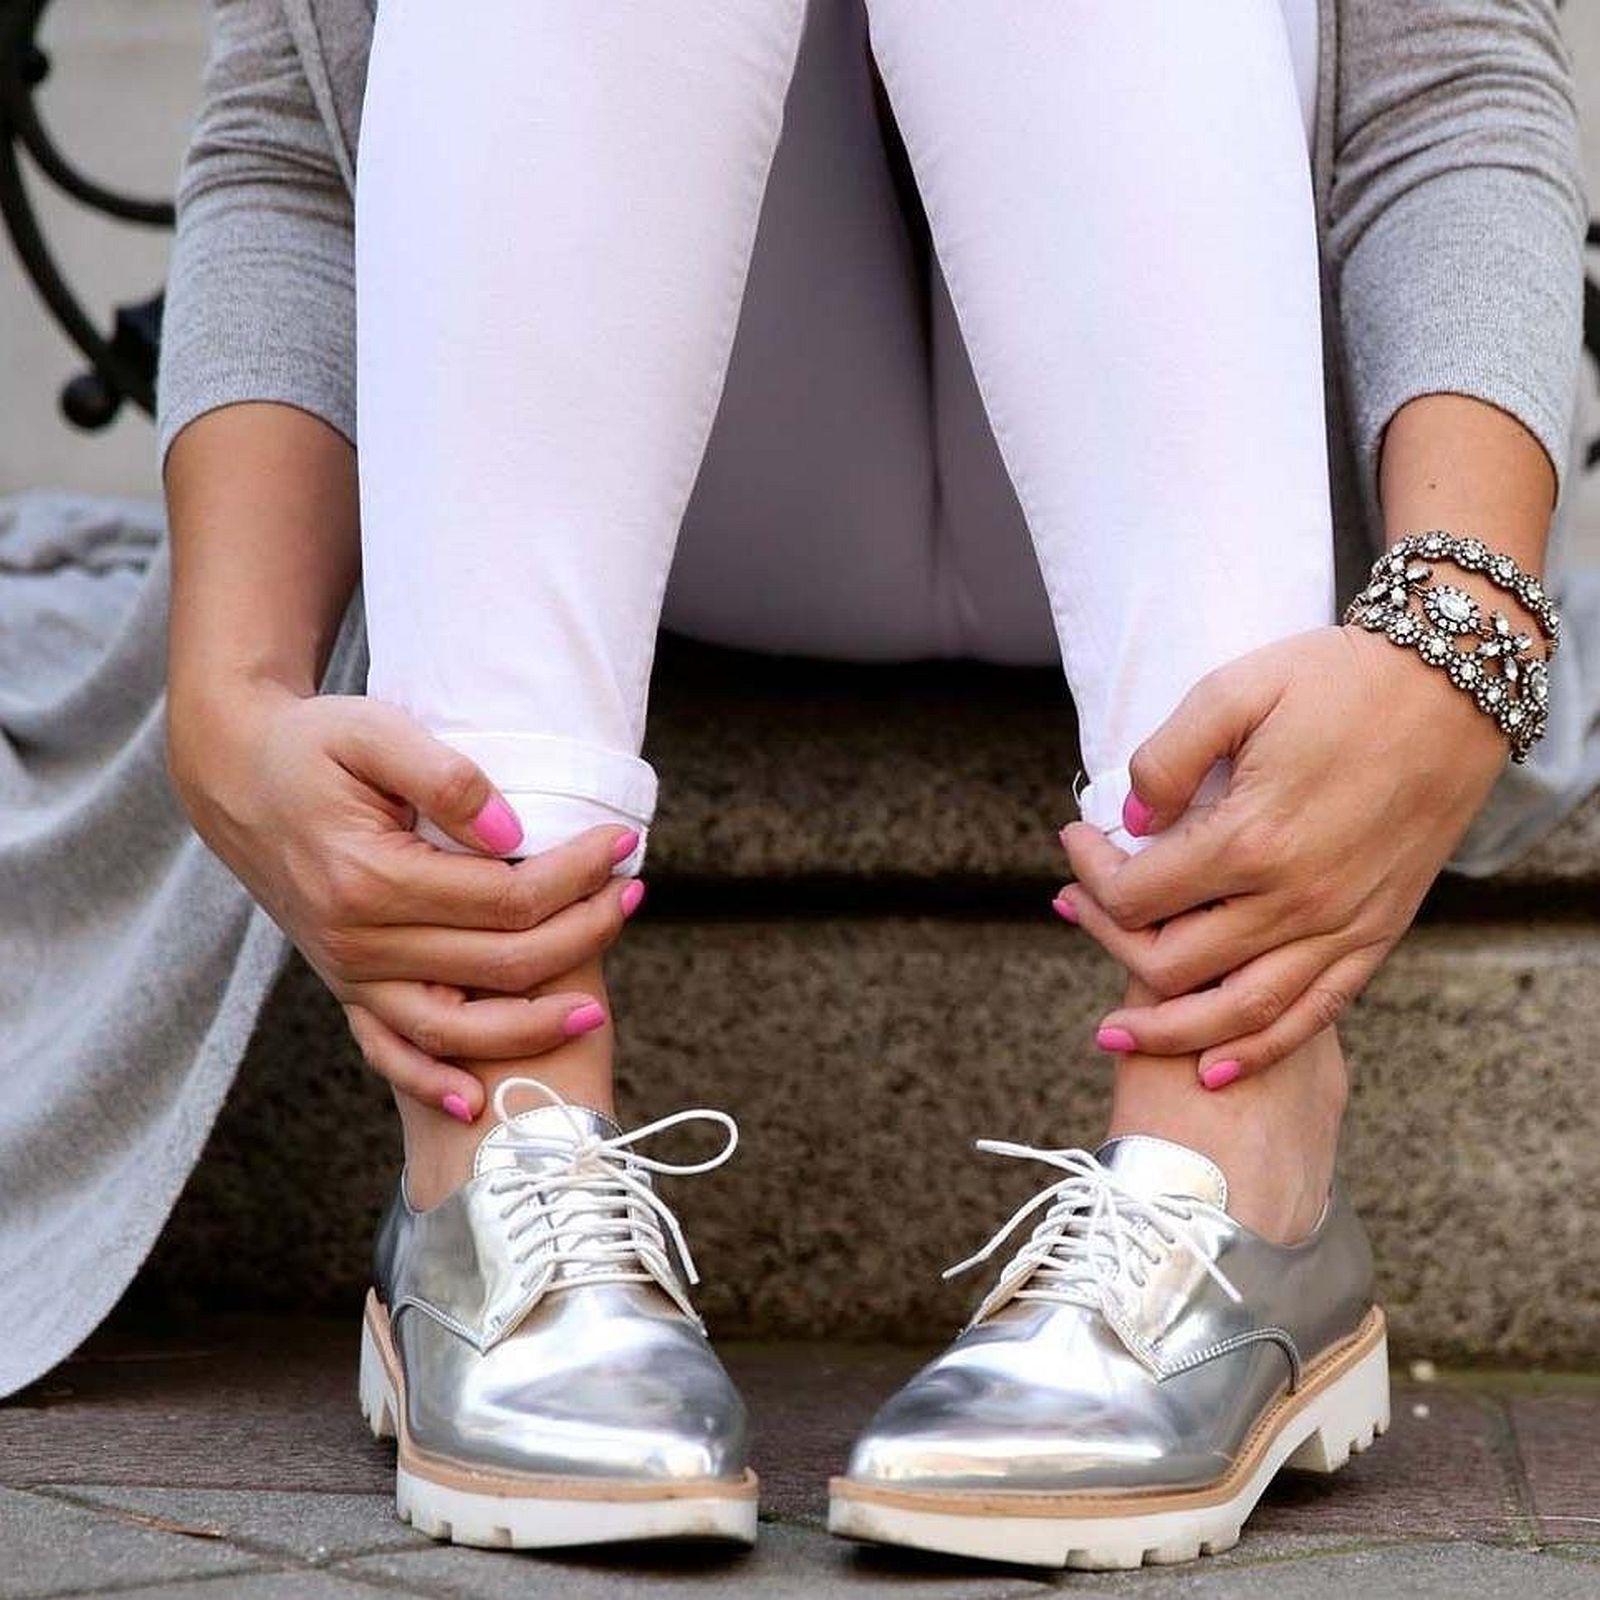 supporto al dettaglio all'ingrosso Zara Zara Zara argentoo Metallico brevetto Blucher Scarpe CON TACCO PIATTO MISURA 8EUR ULTIMA TAGLIA  nuovo stile